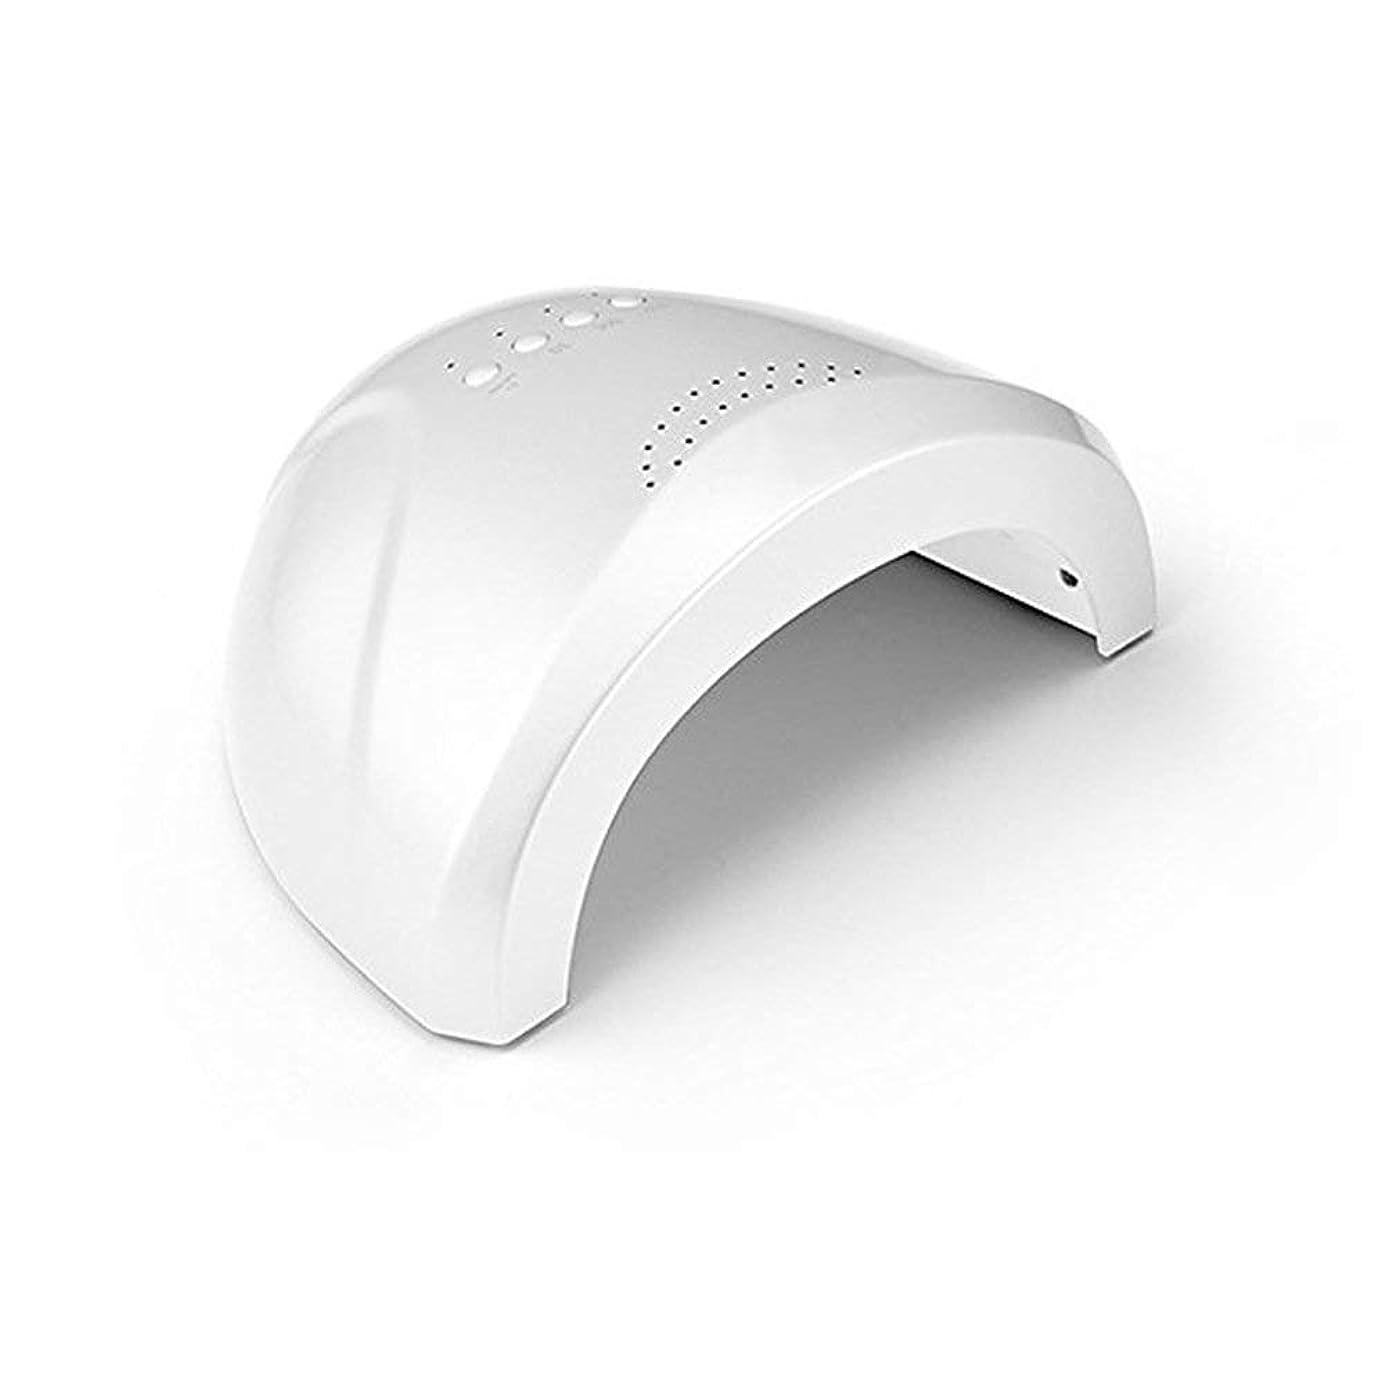 液化する本質的に人柄LED UVネイルドライヤーホワイトライトネイルランプ高速硬化3タイマー設定5 s / 30 s / 60 s爪&足の爪のネイルアートサロンツールの自動センサーマシン